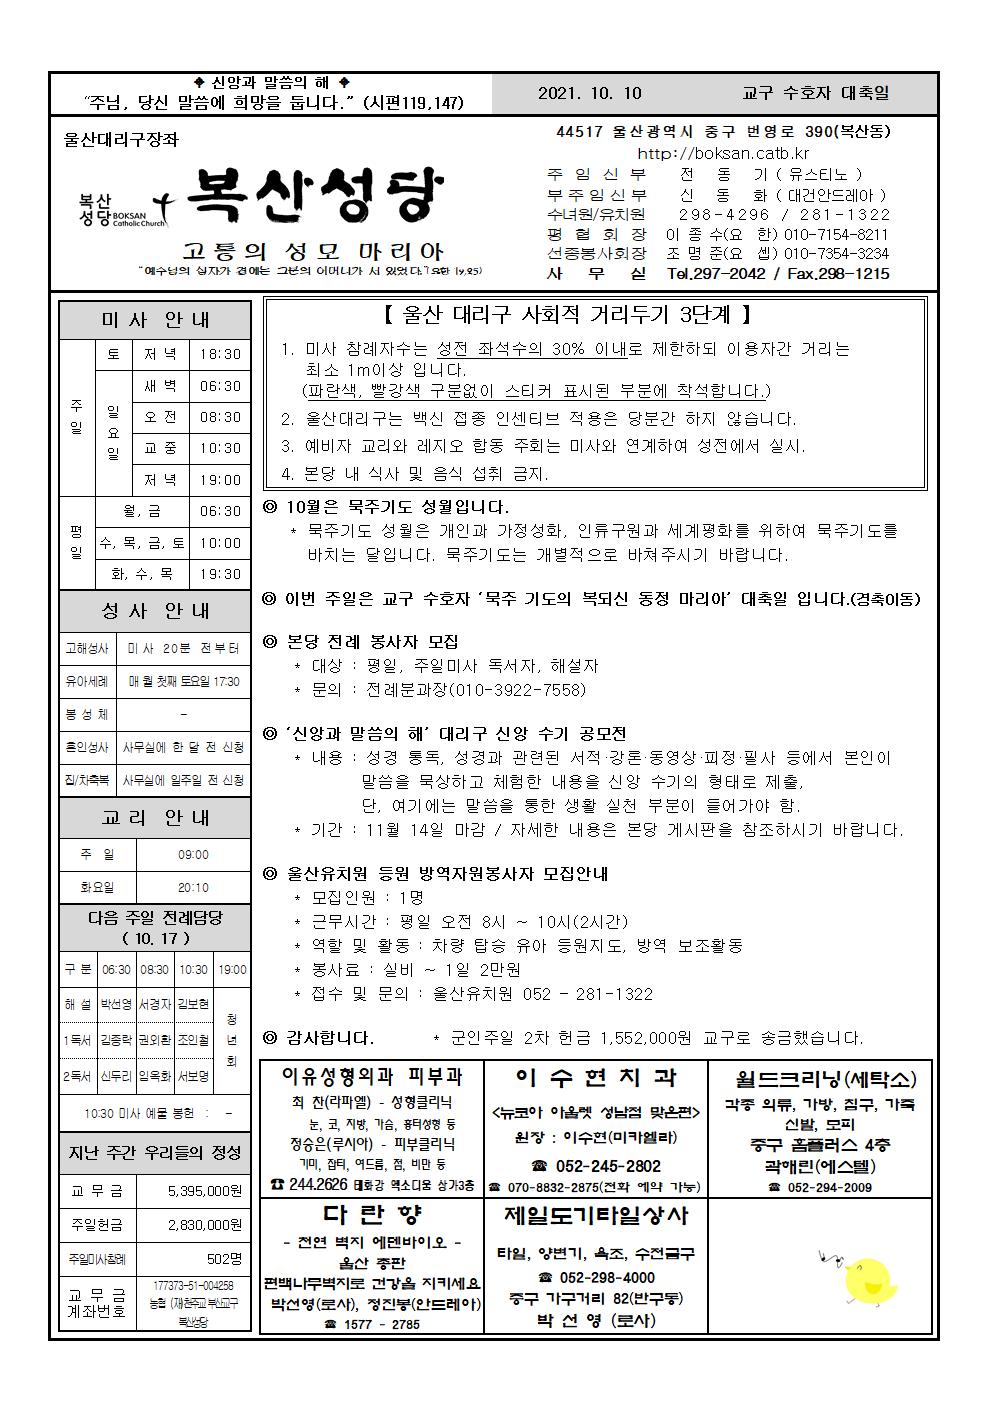 복산20211010001.png